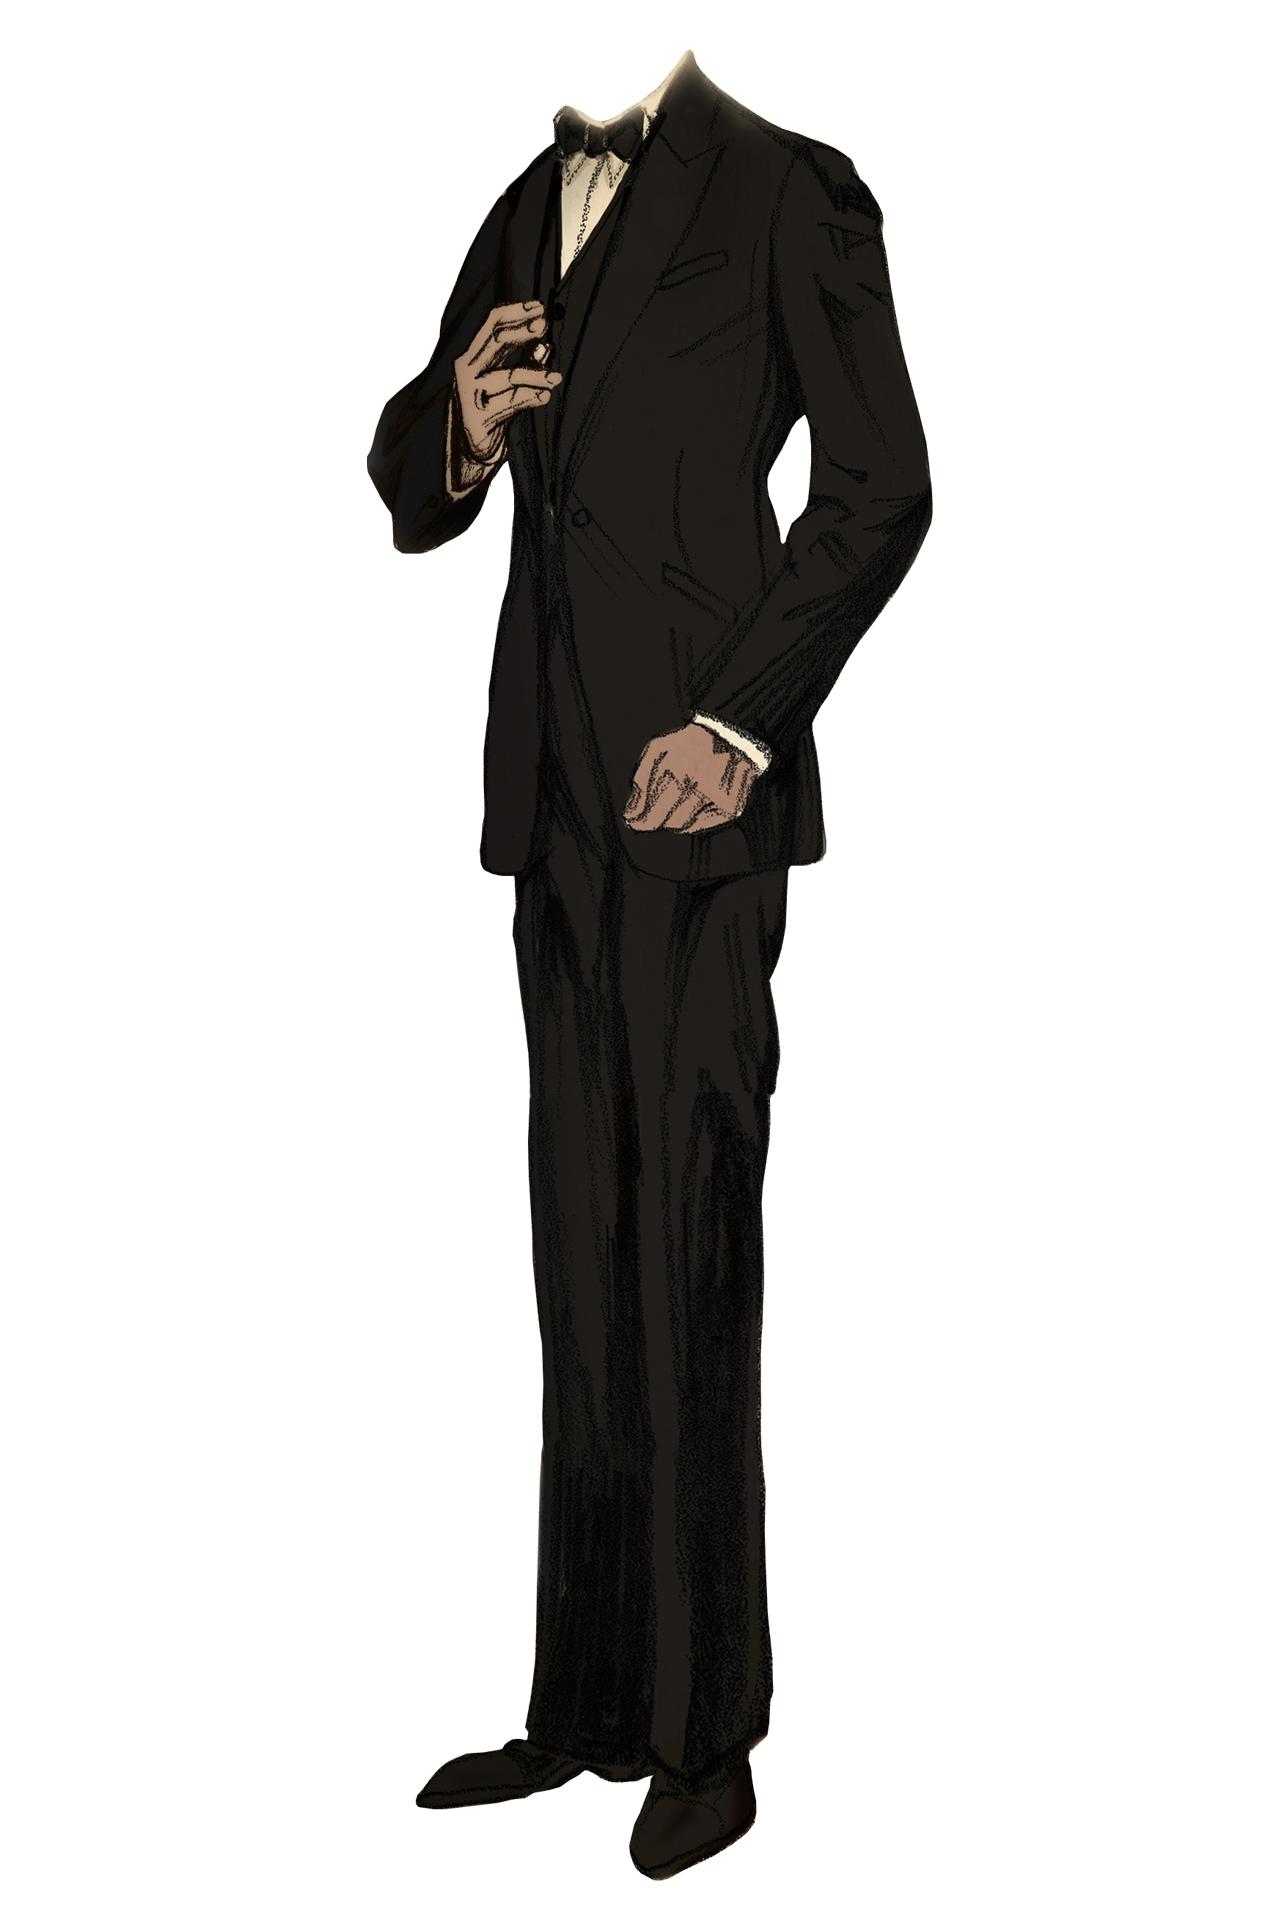 Jay Gatsby tuxedo